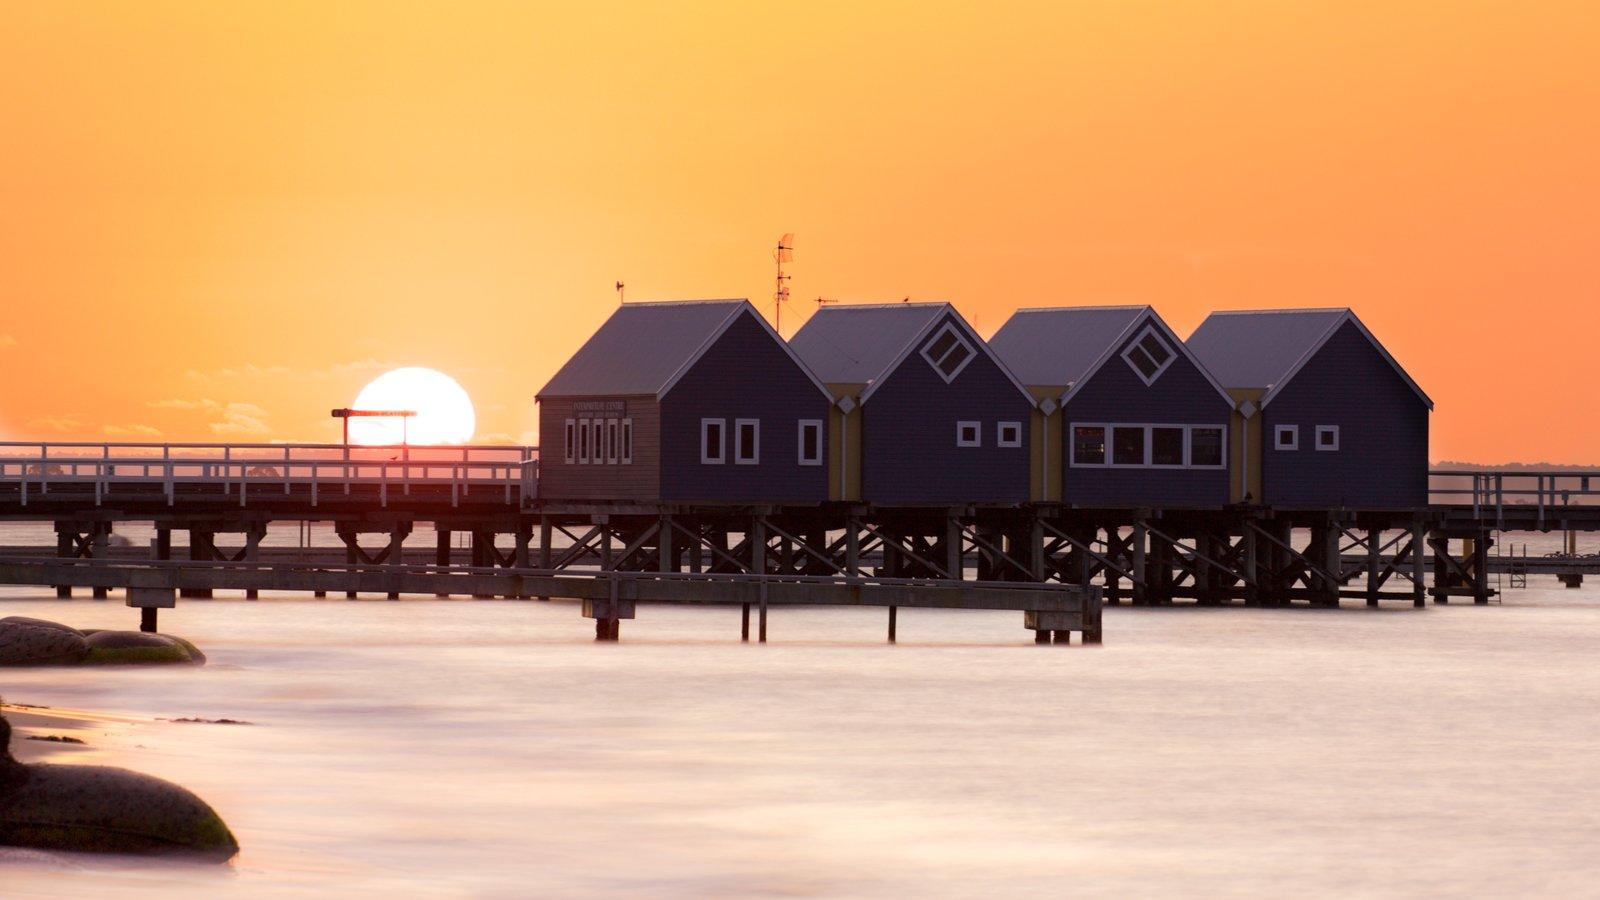 Australia mostrando un río o arroyo y una puesta de sol